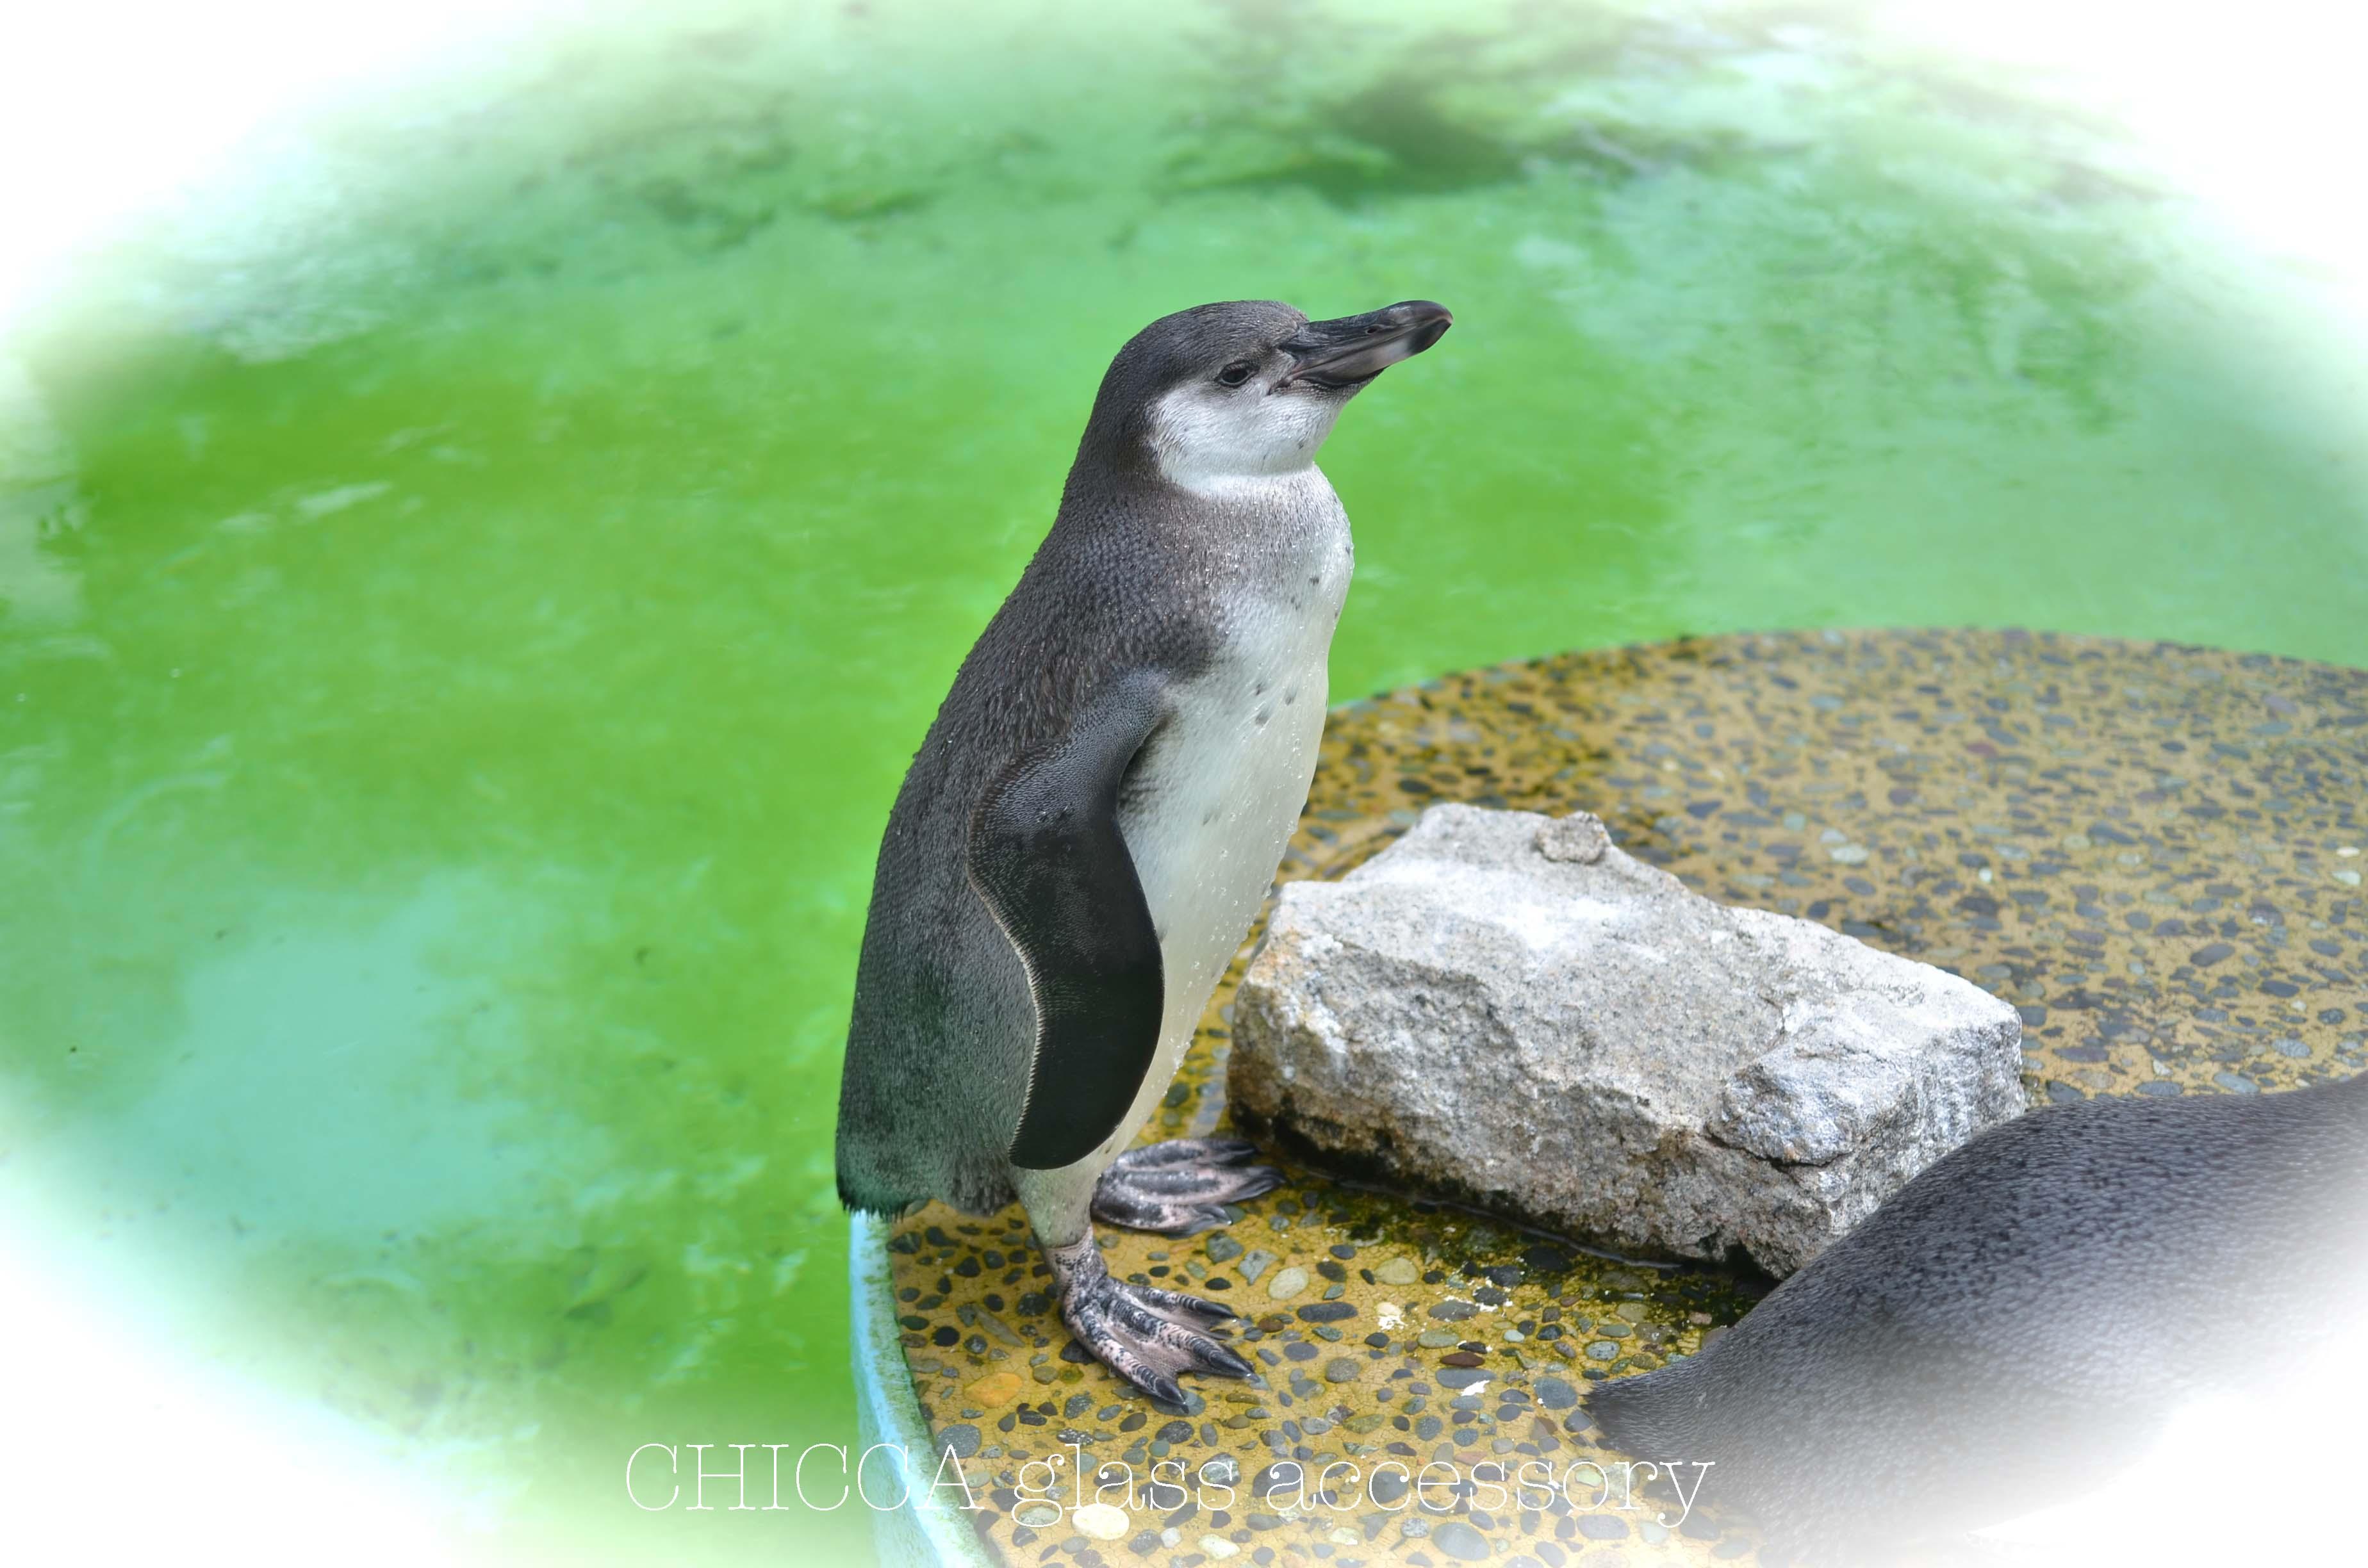 京都市動物園レポート _b0213347_3134515.jpg